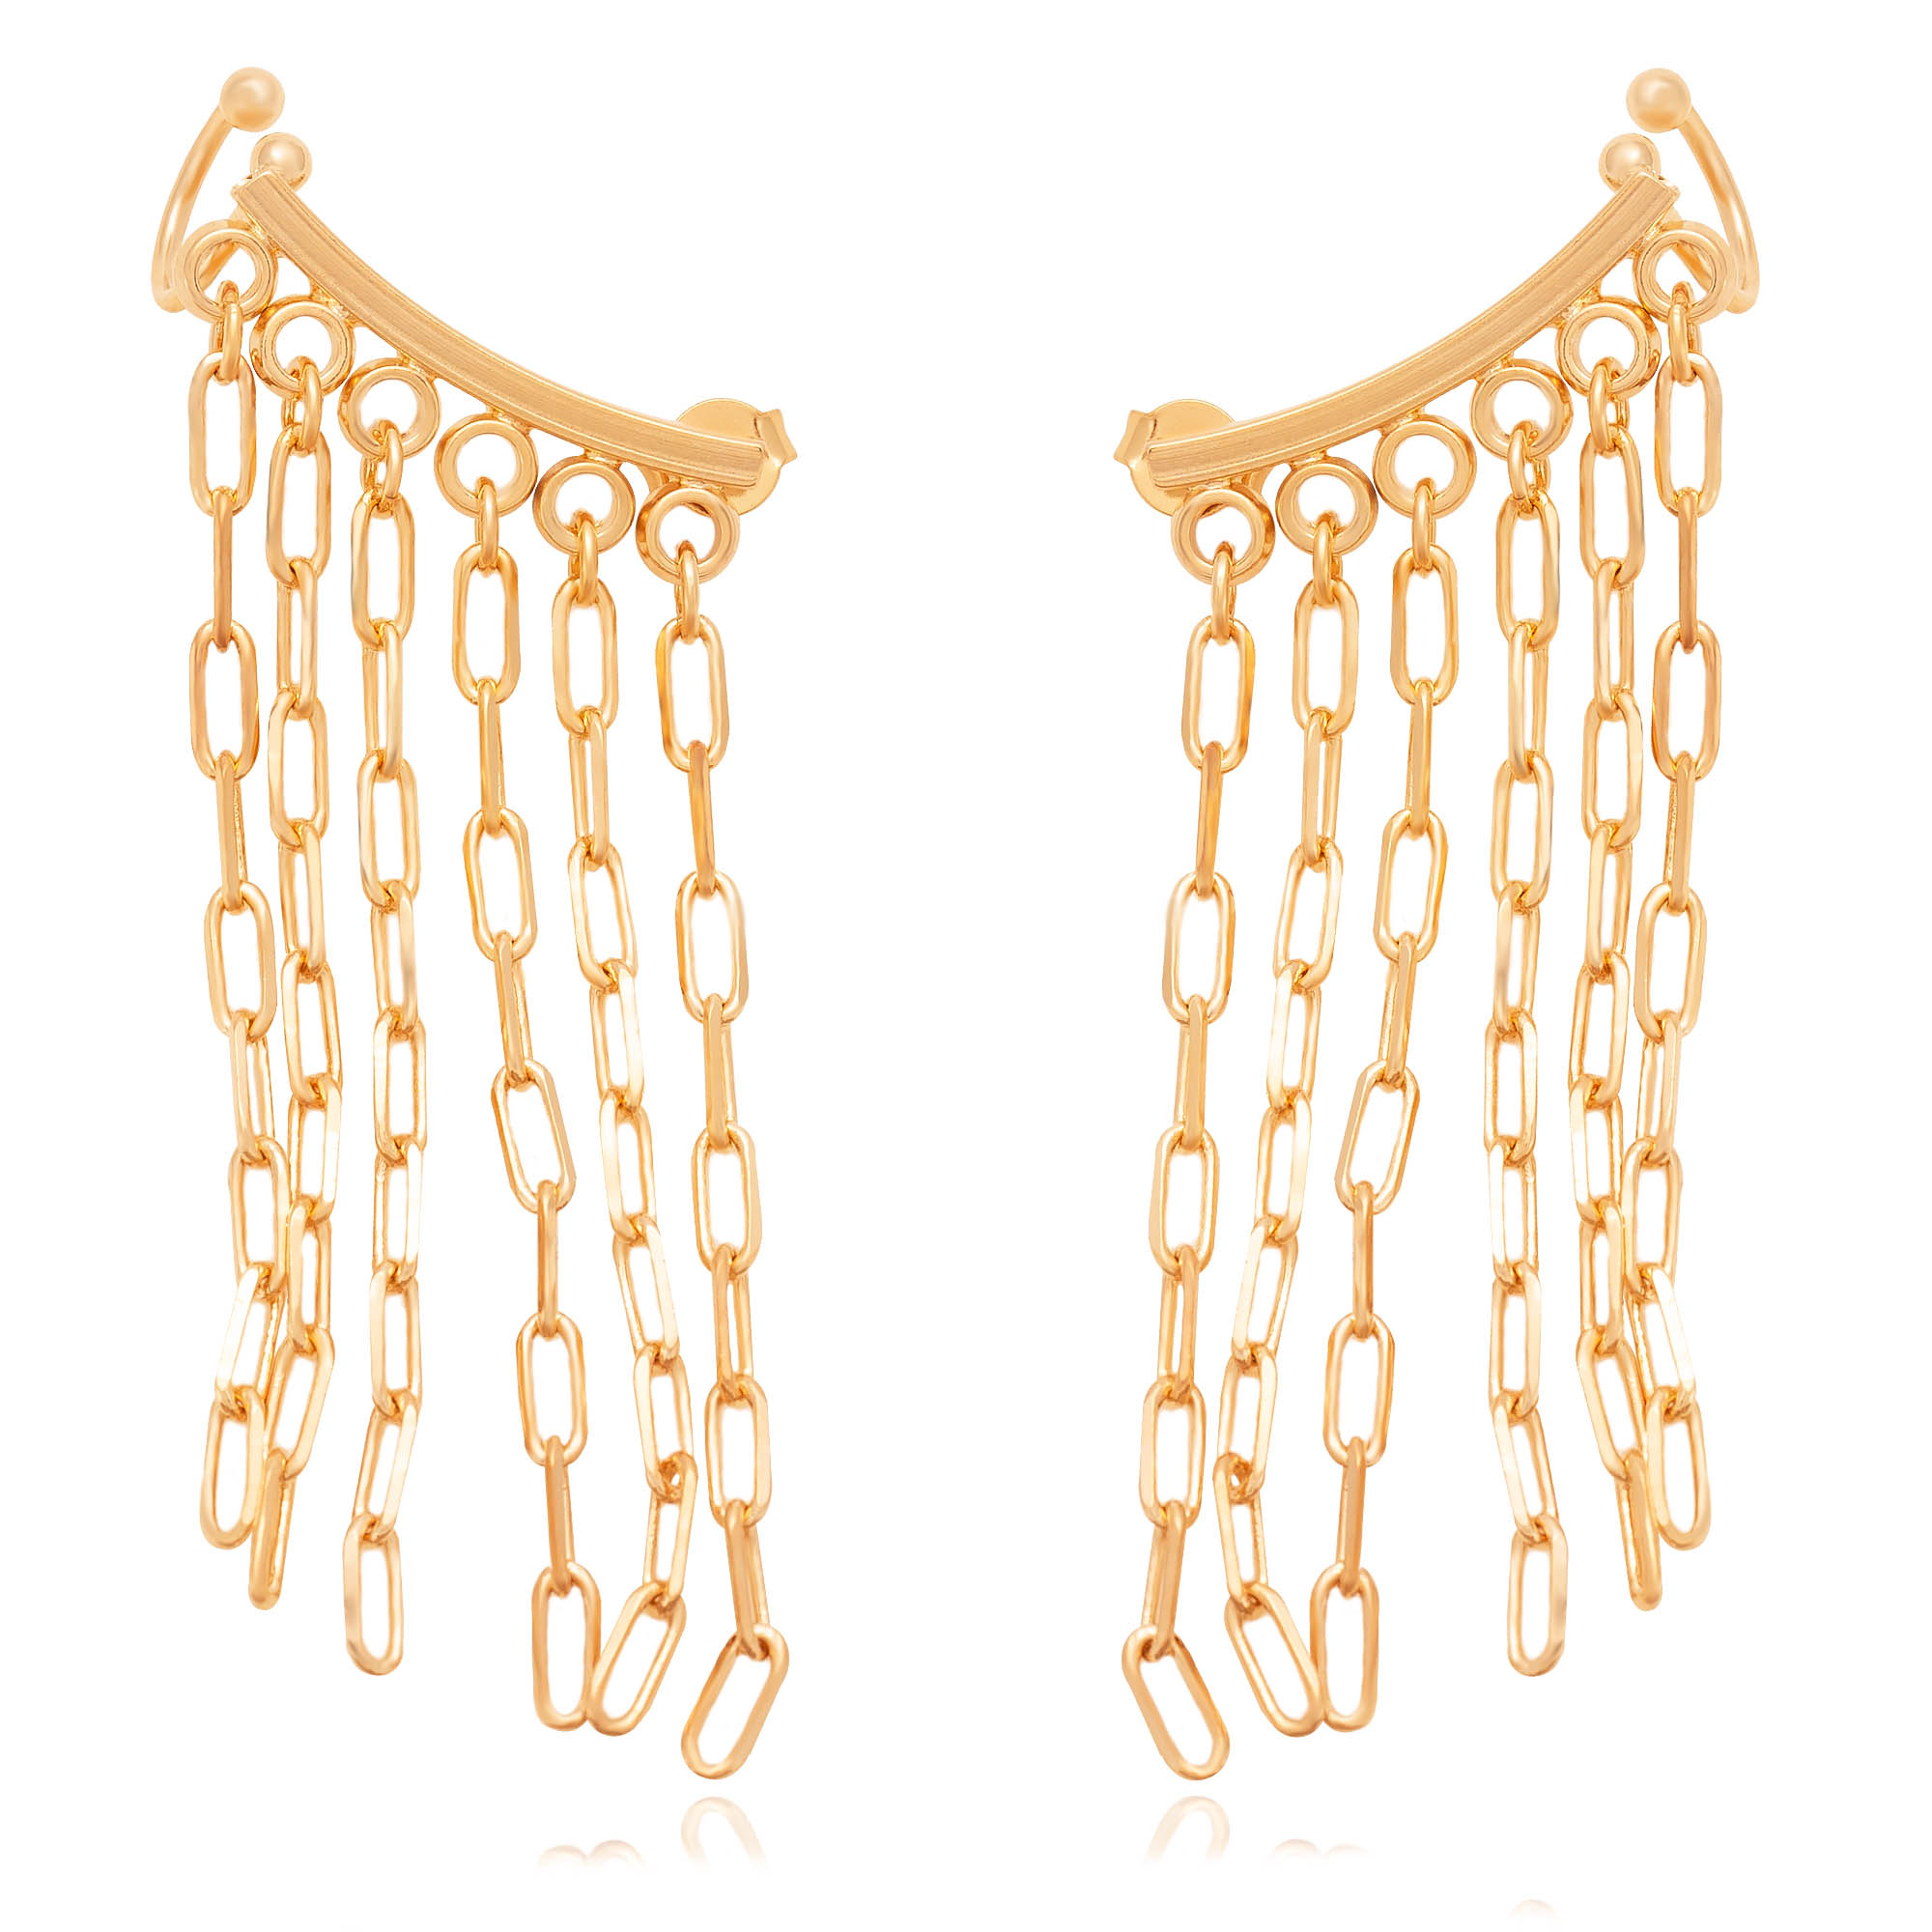 Brinco ear cuff de correntes banhado a ouro 18k  - bfdecor.com.br